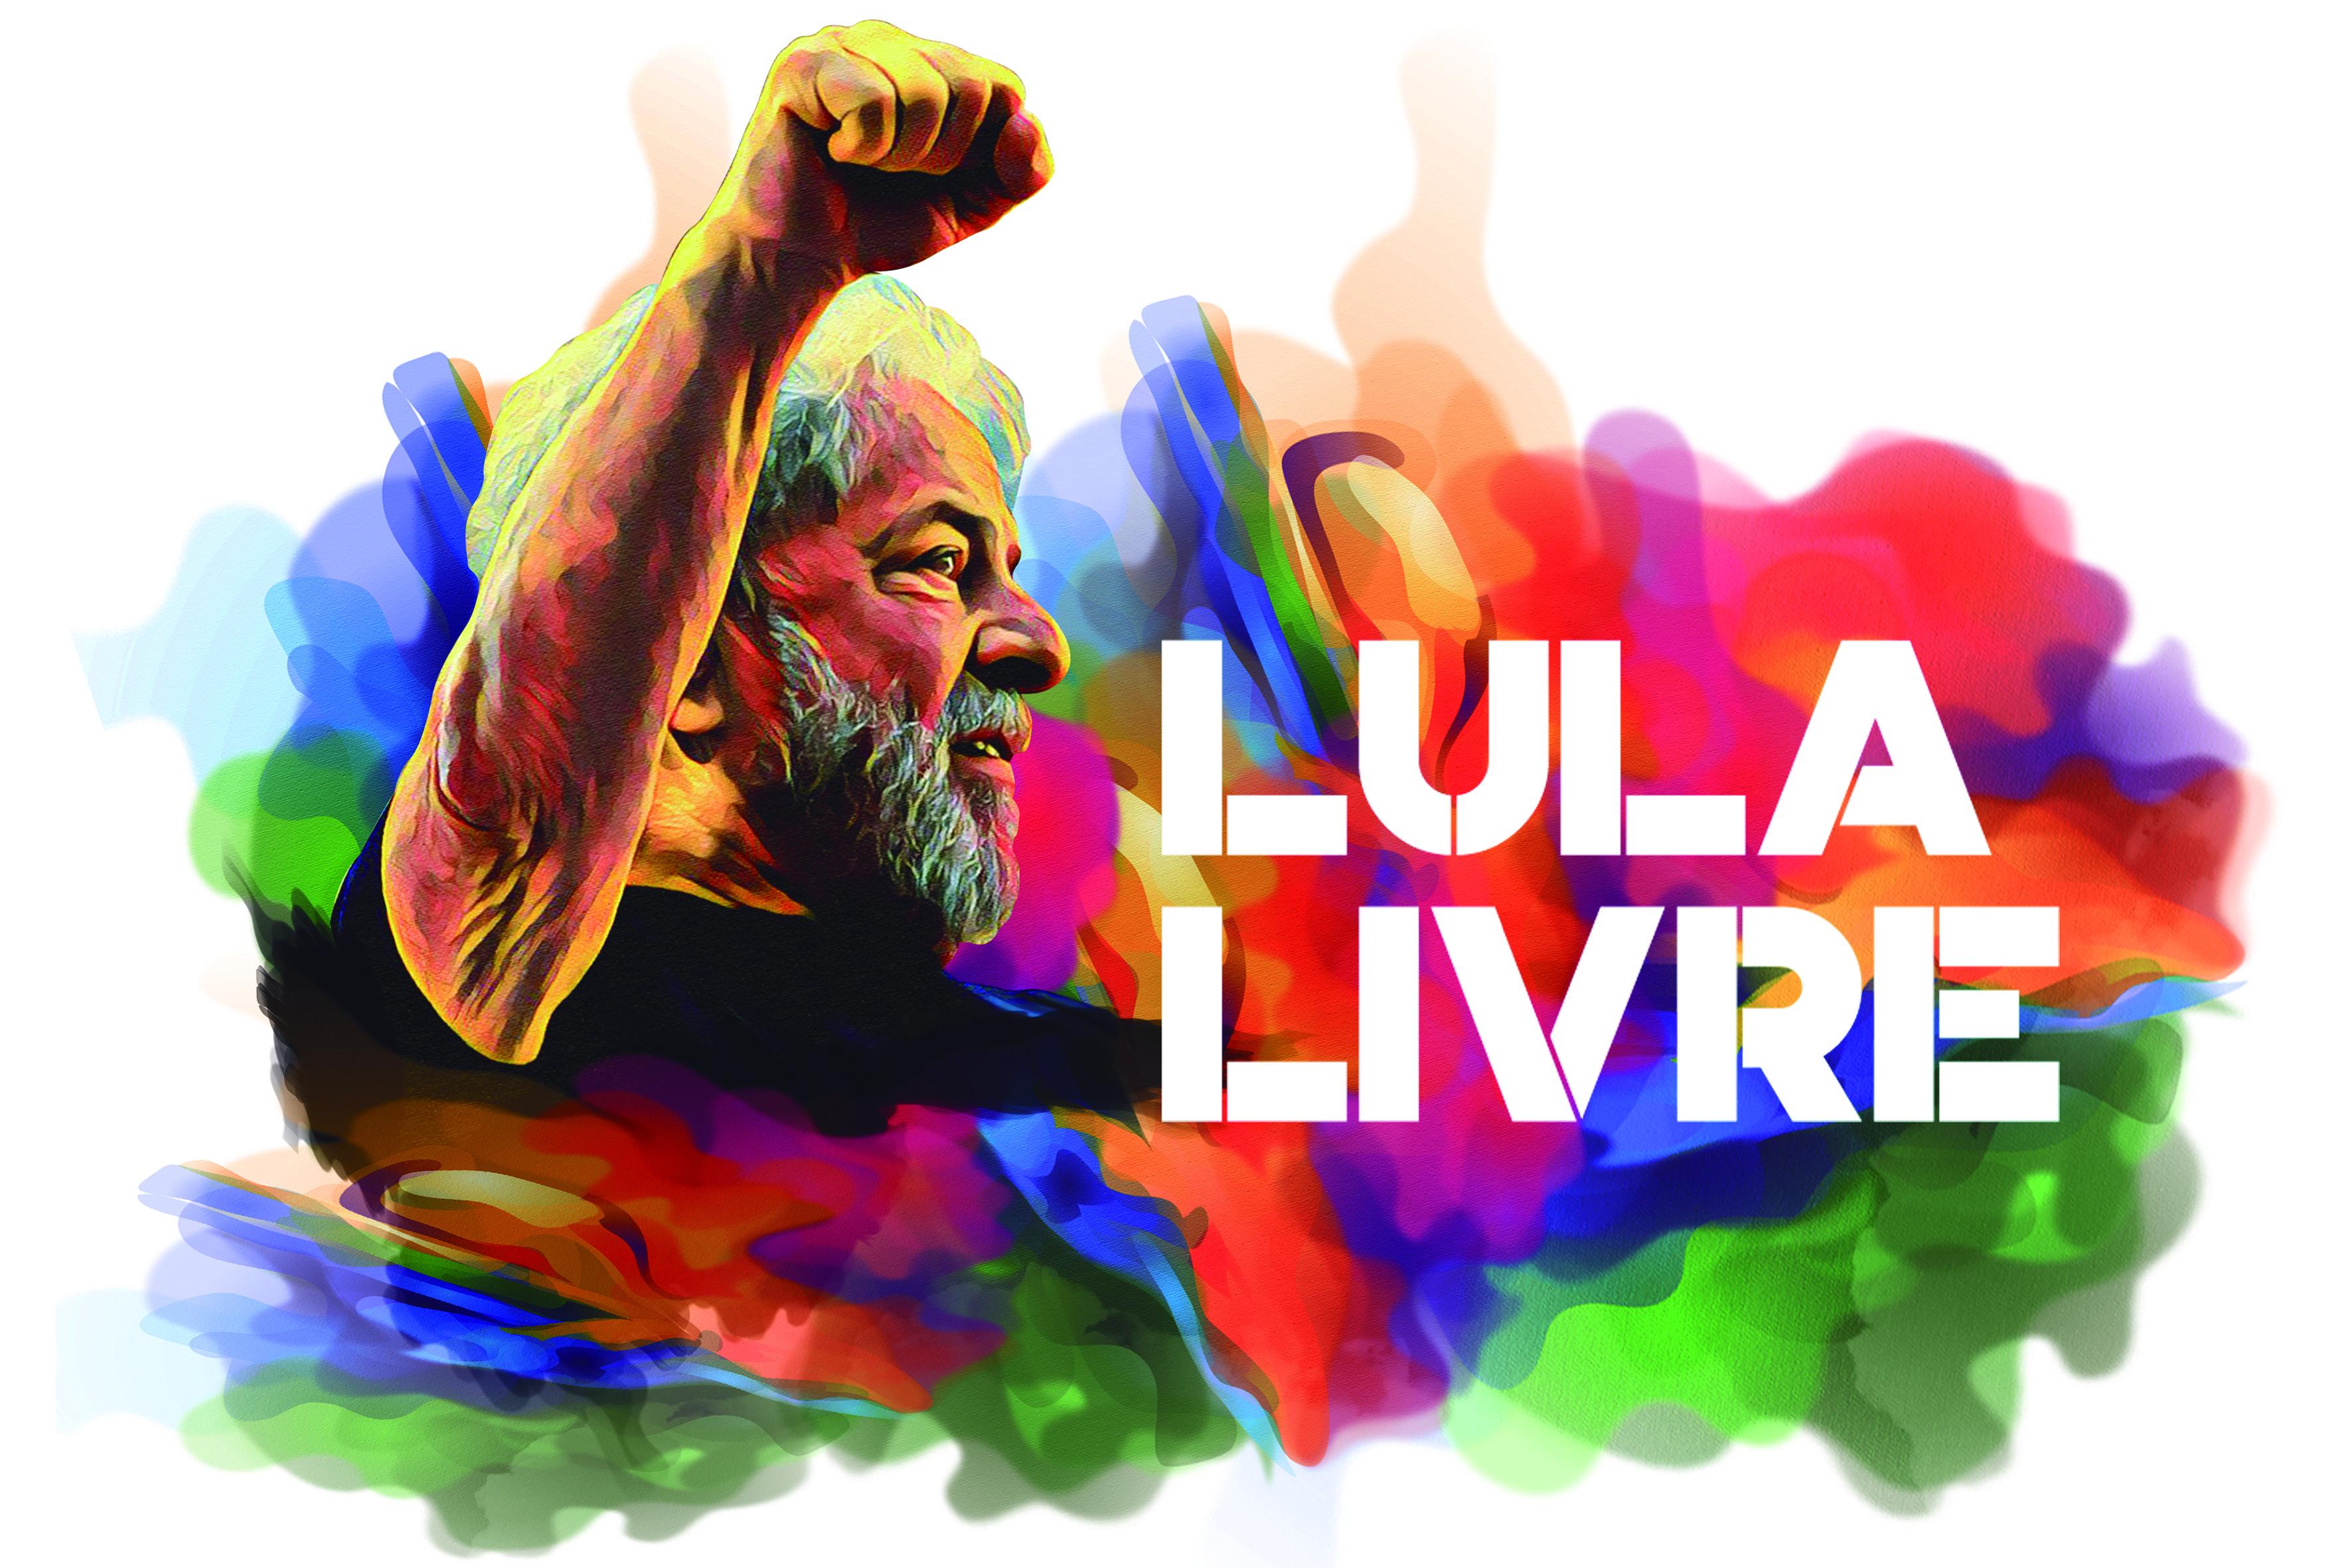 Arte campanha jornada Lula Livre | Lula desenho, Lula